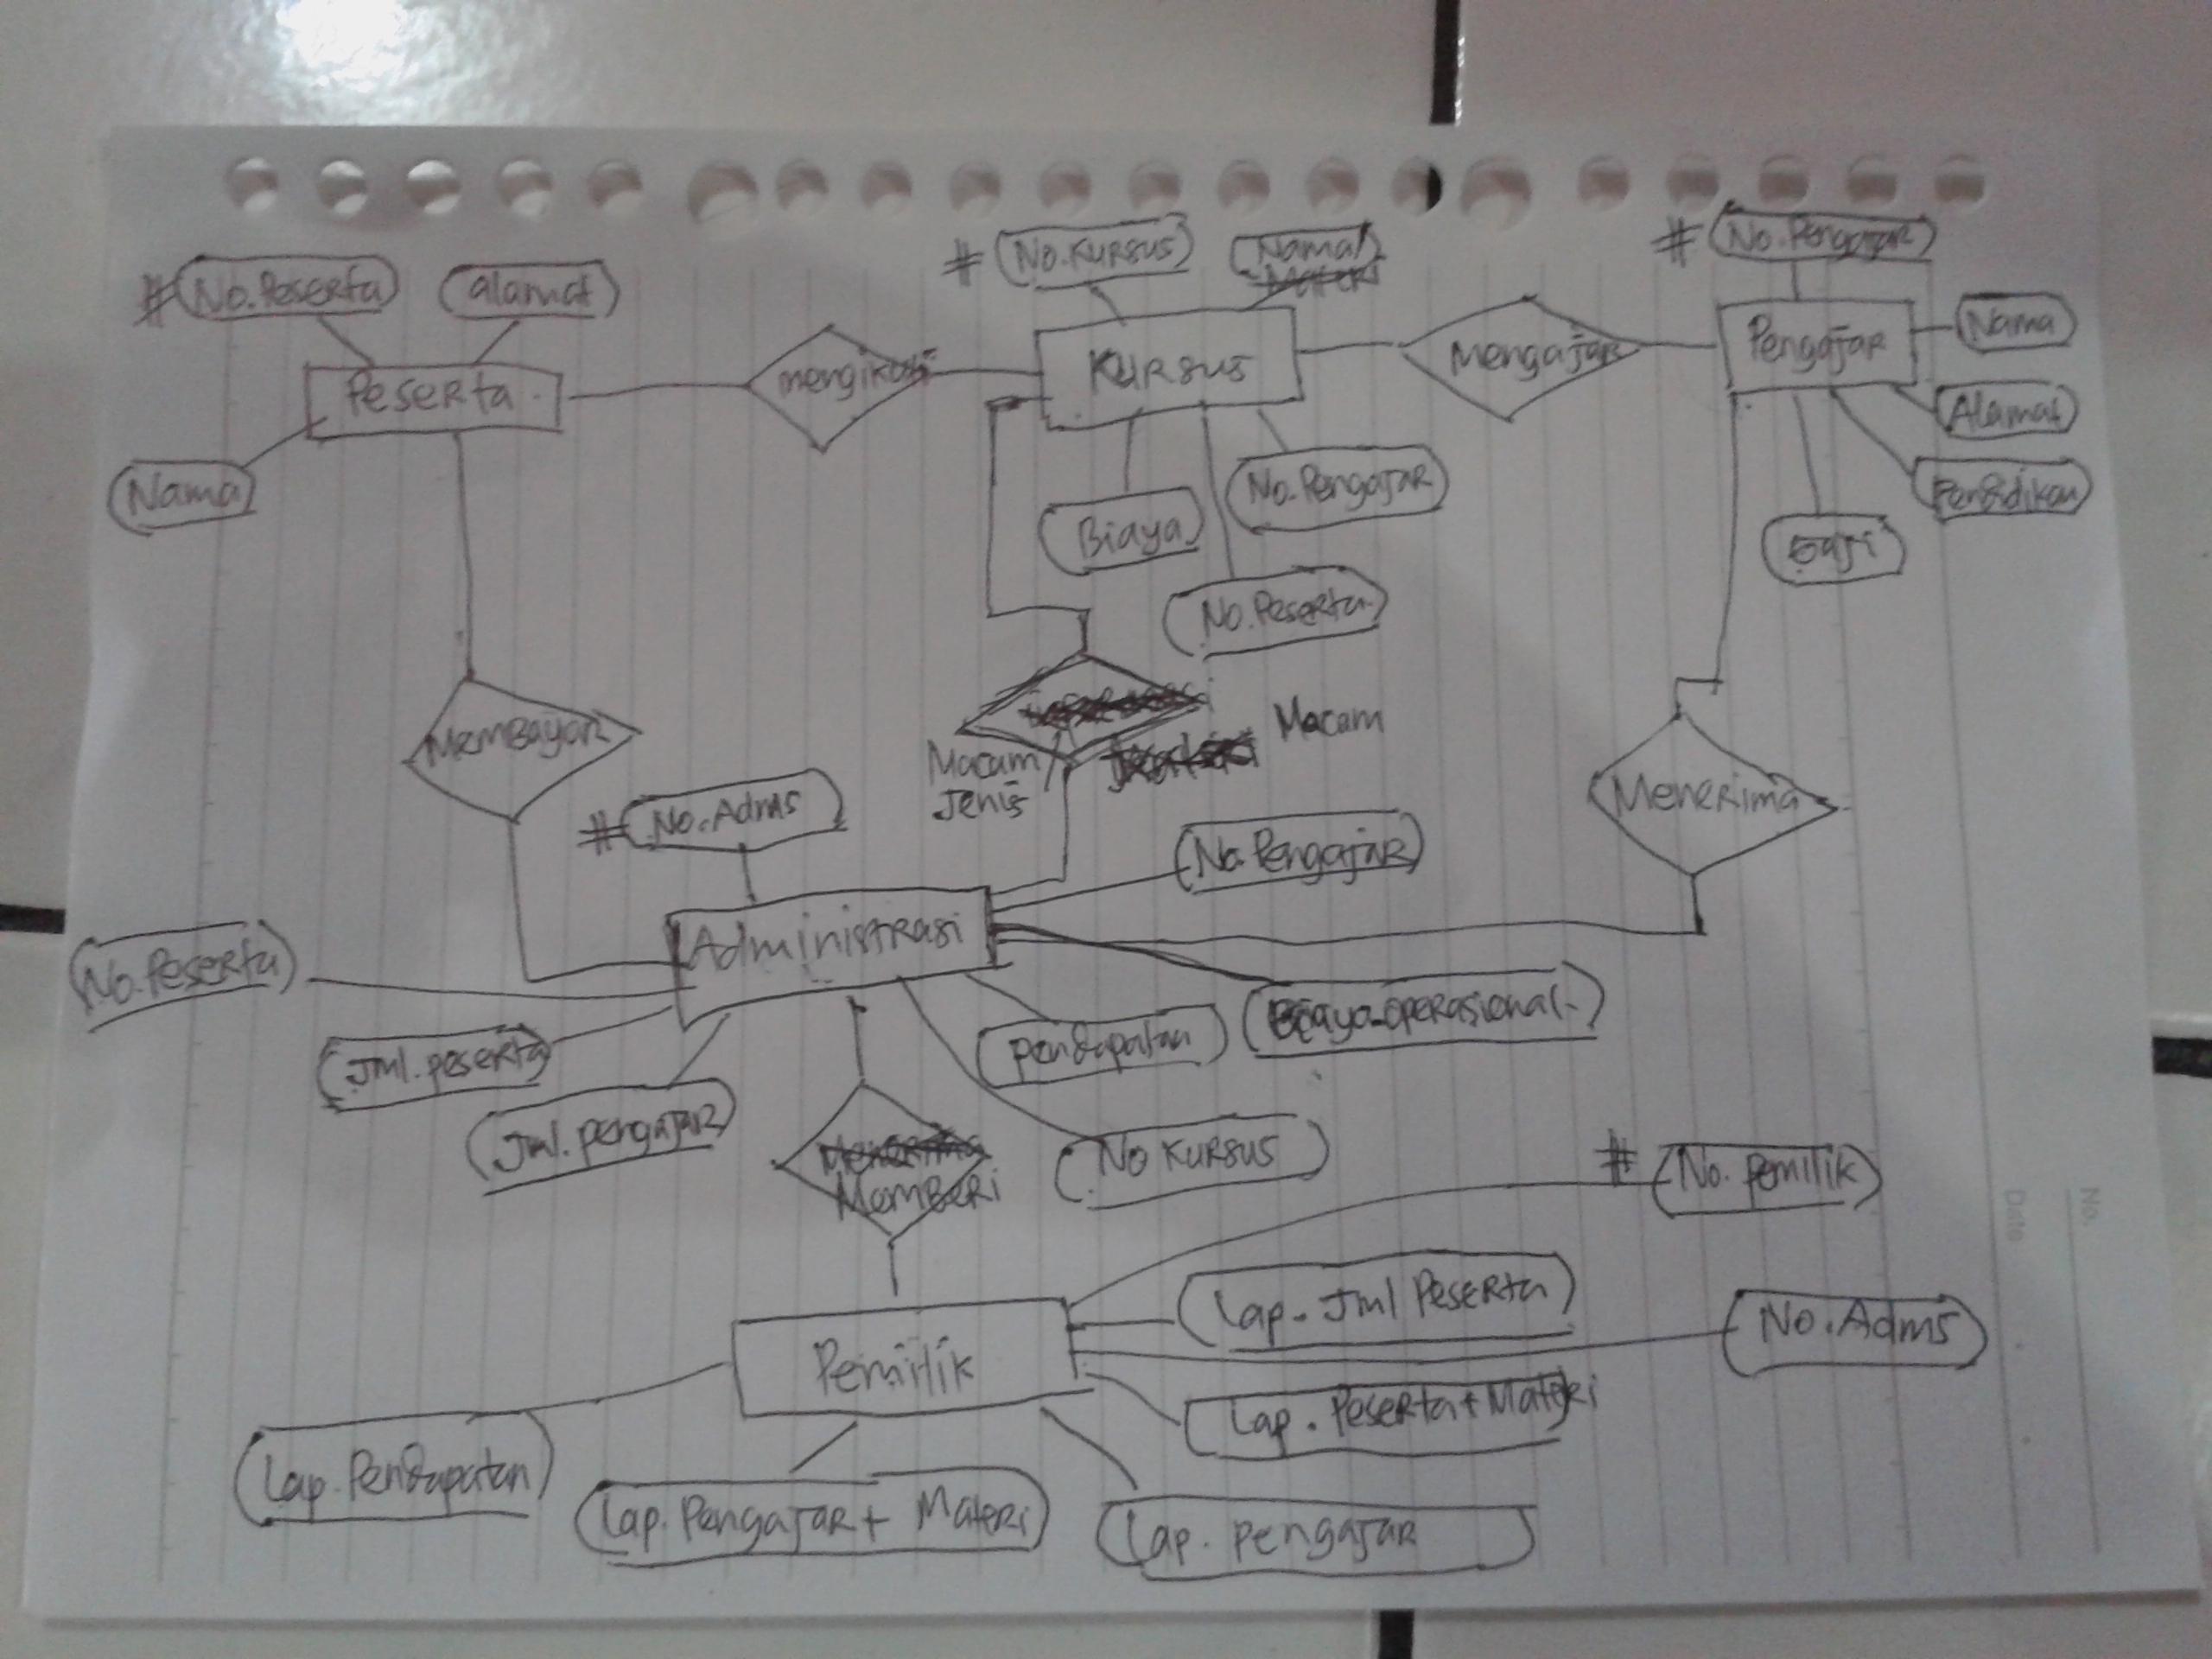 Bagassdanang | A Fine WordPress Site in Simbol Er Diagram Yg Berbentuk Elips Adalah